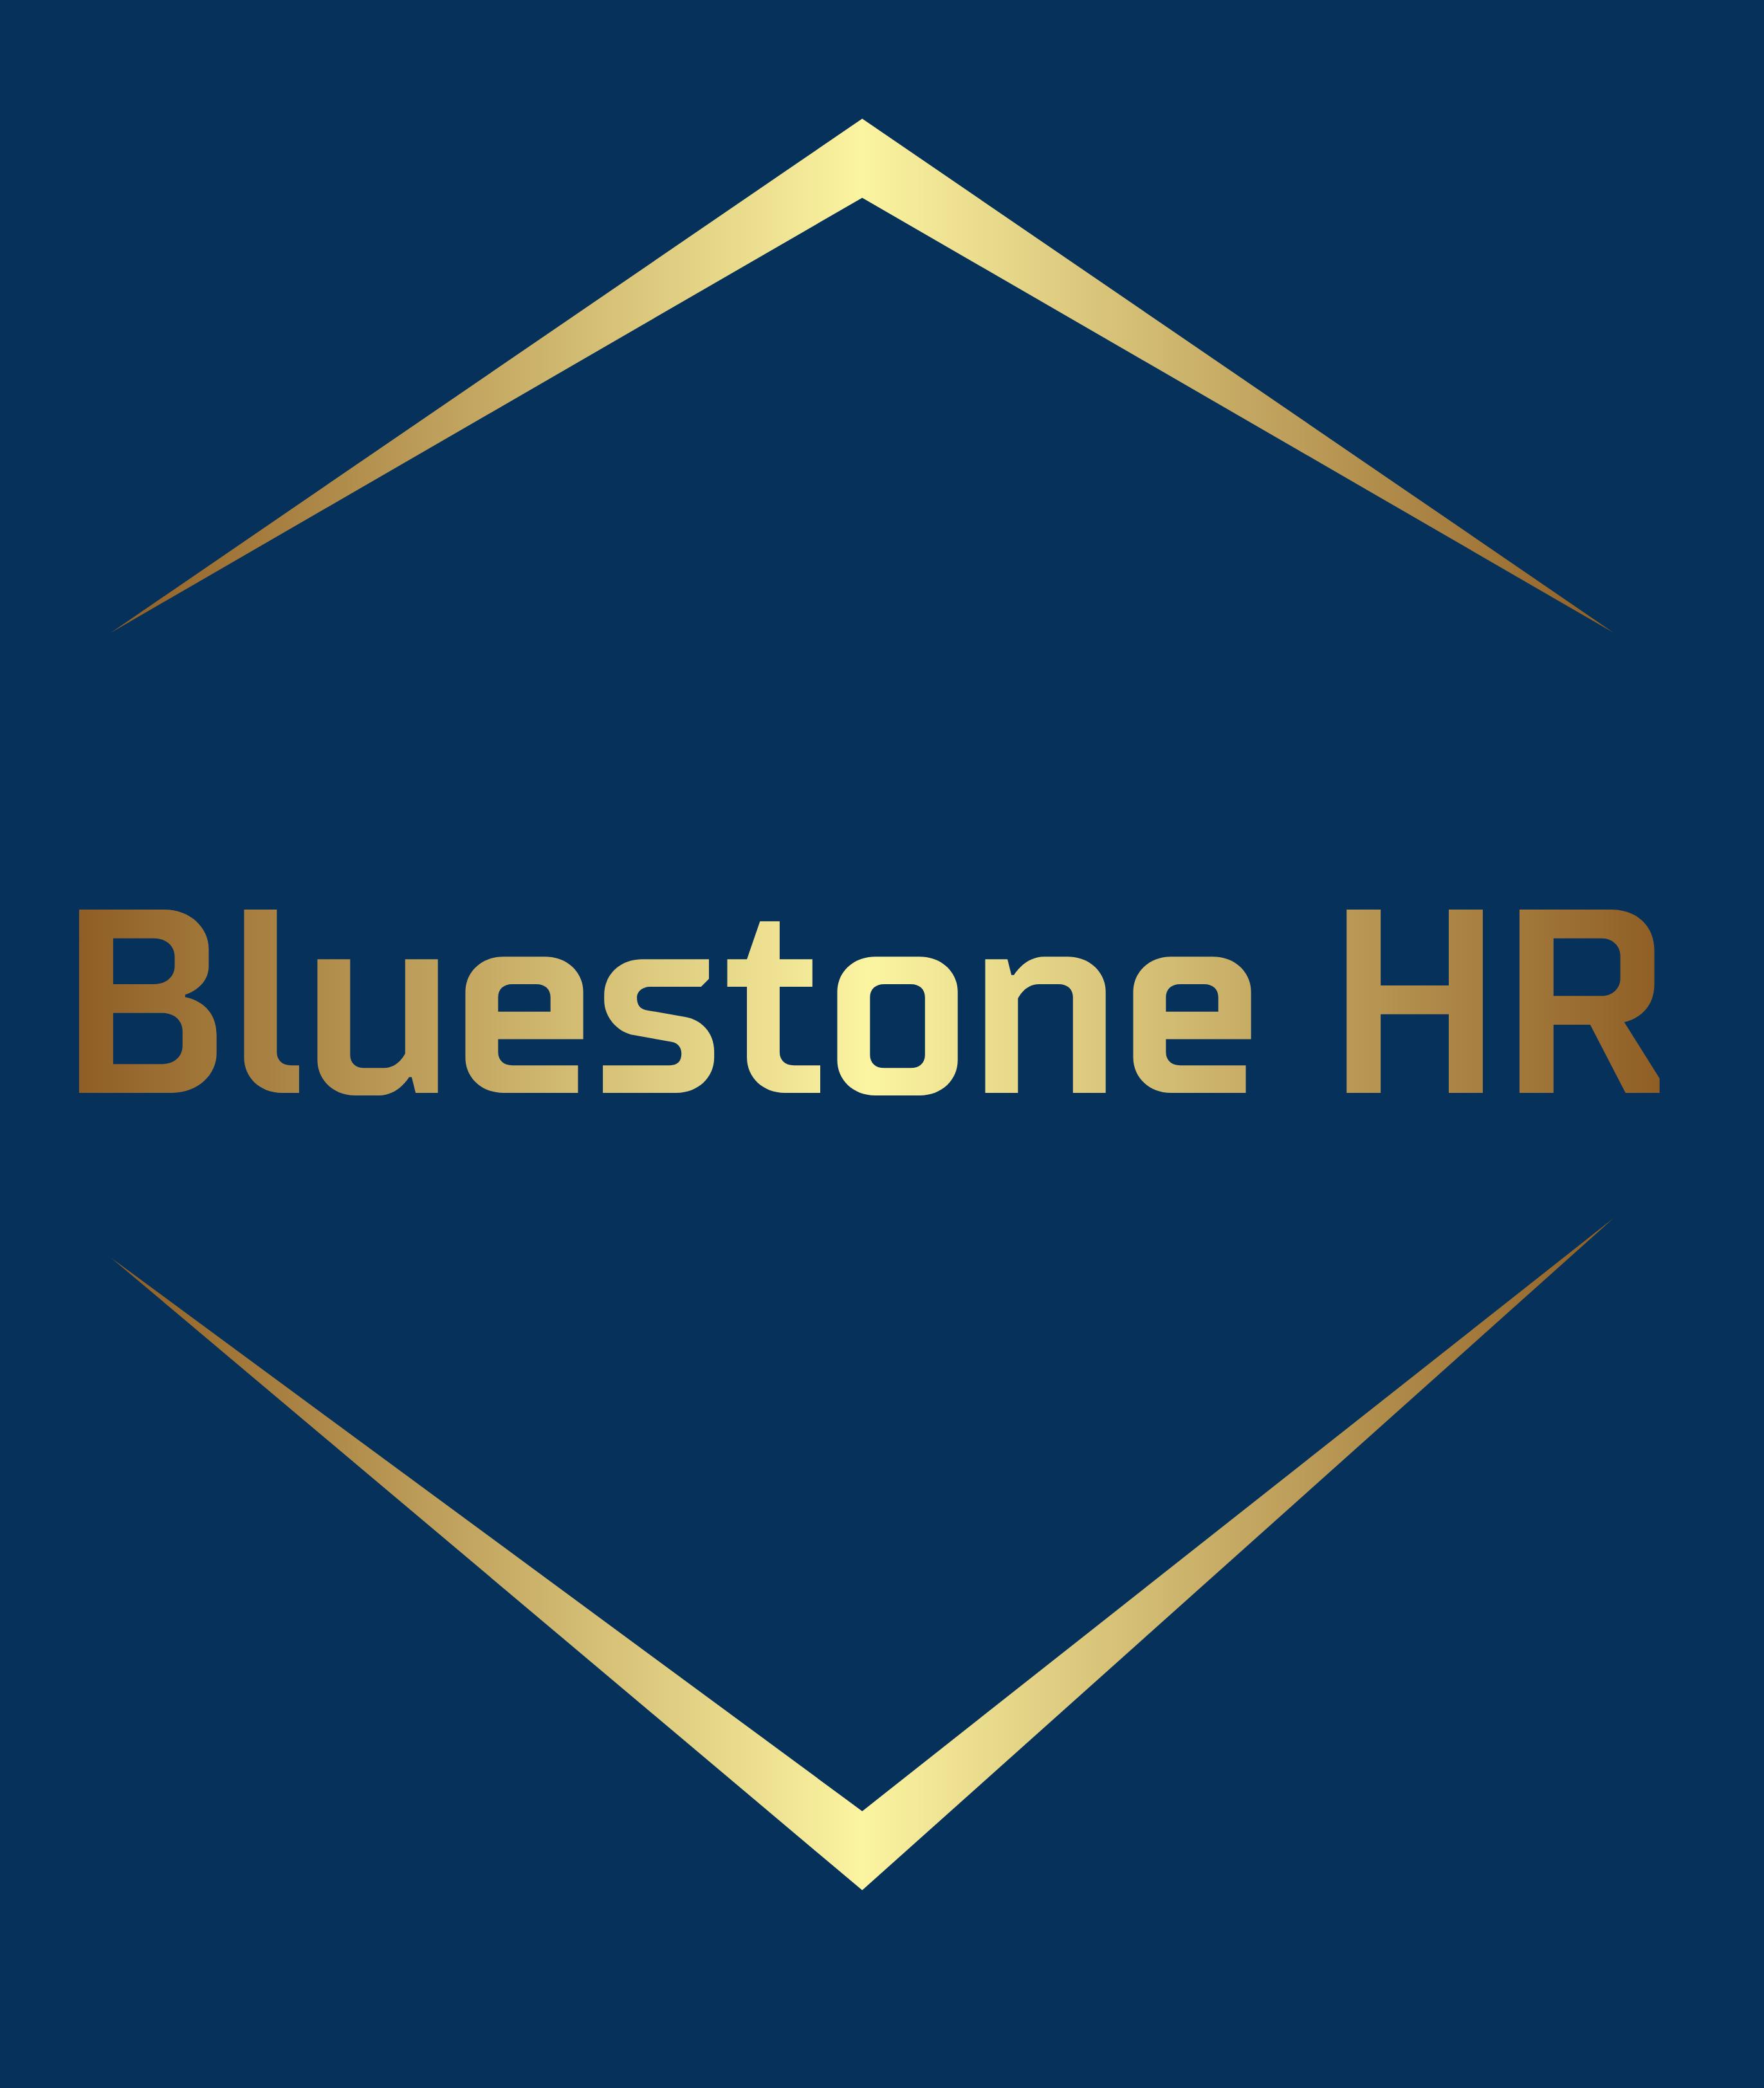 Bluestone HR Logo